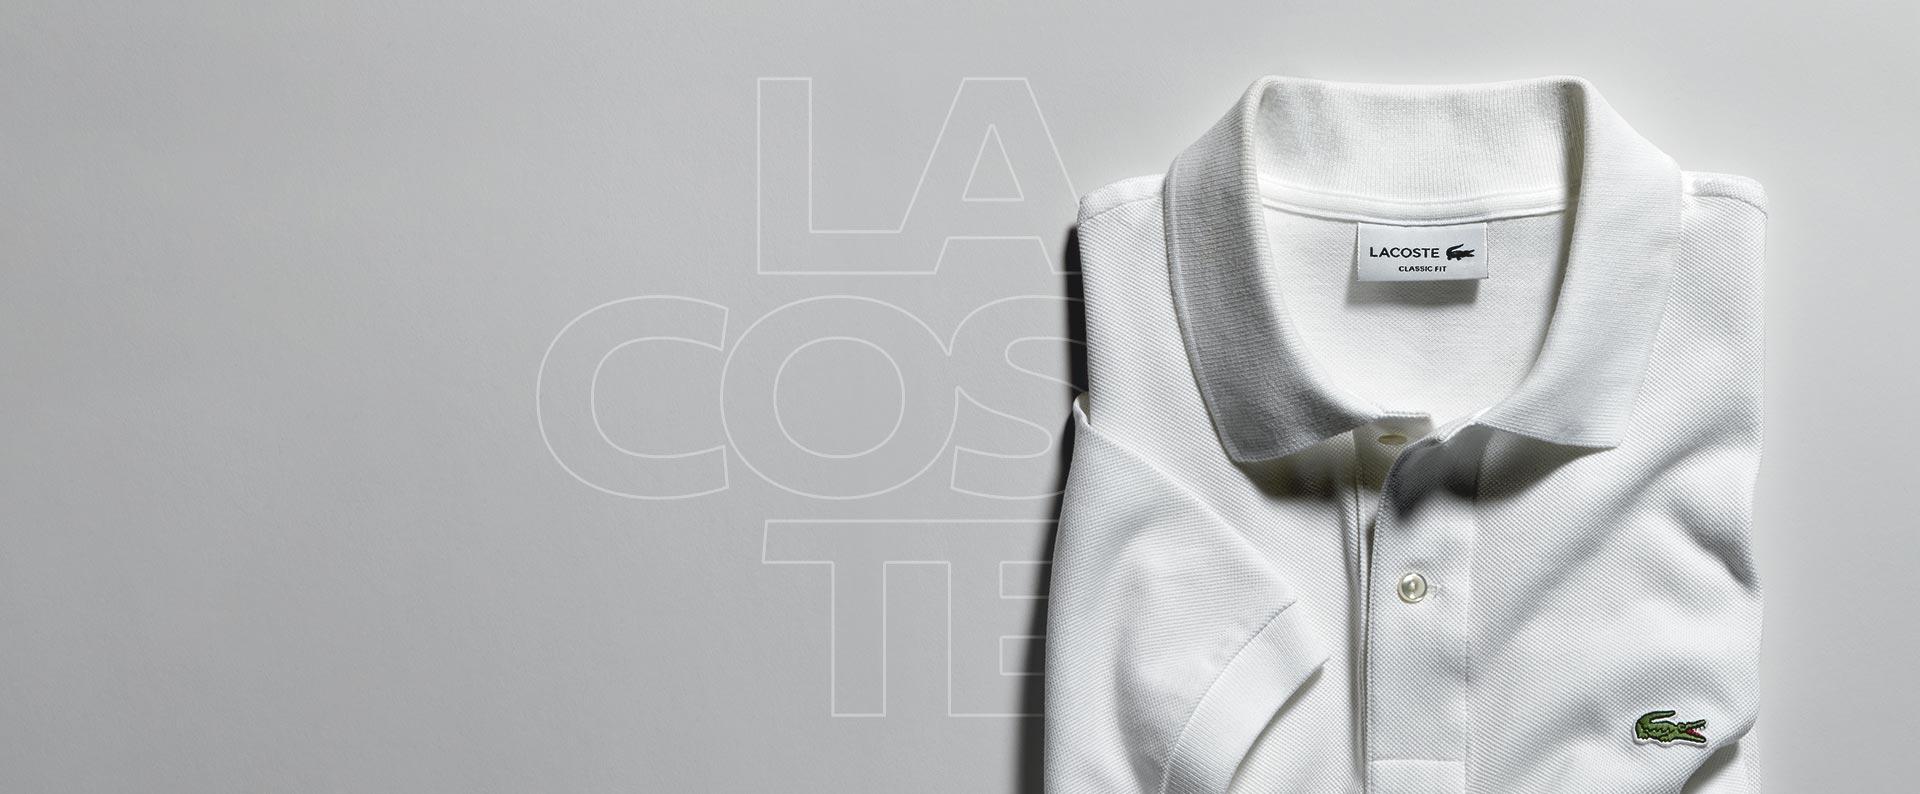 lacosteinside-savoirfaire-starter-component-starter